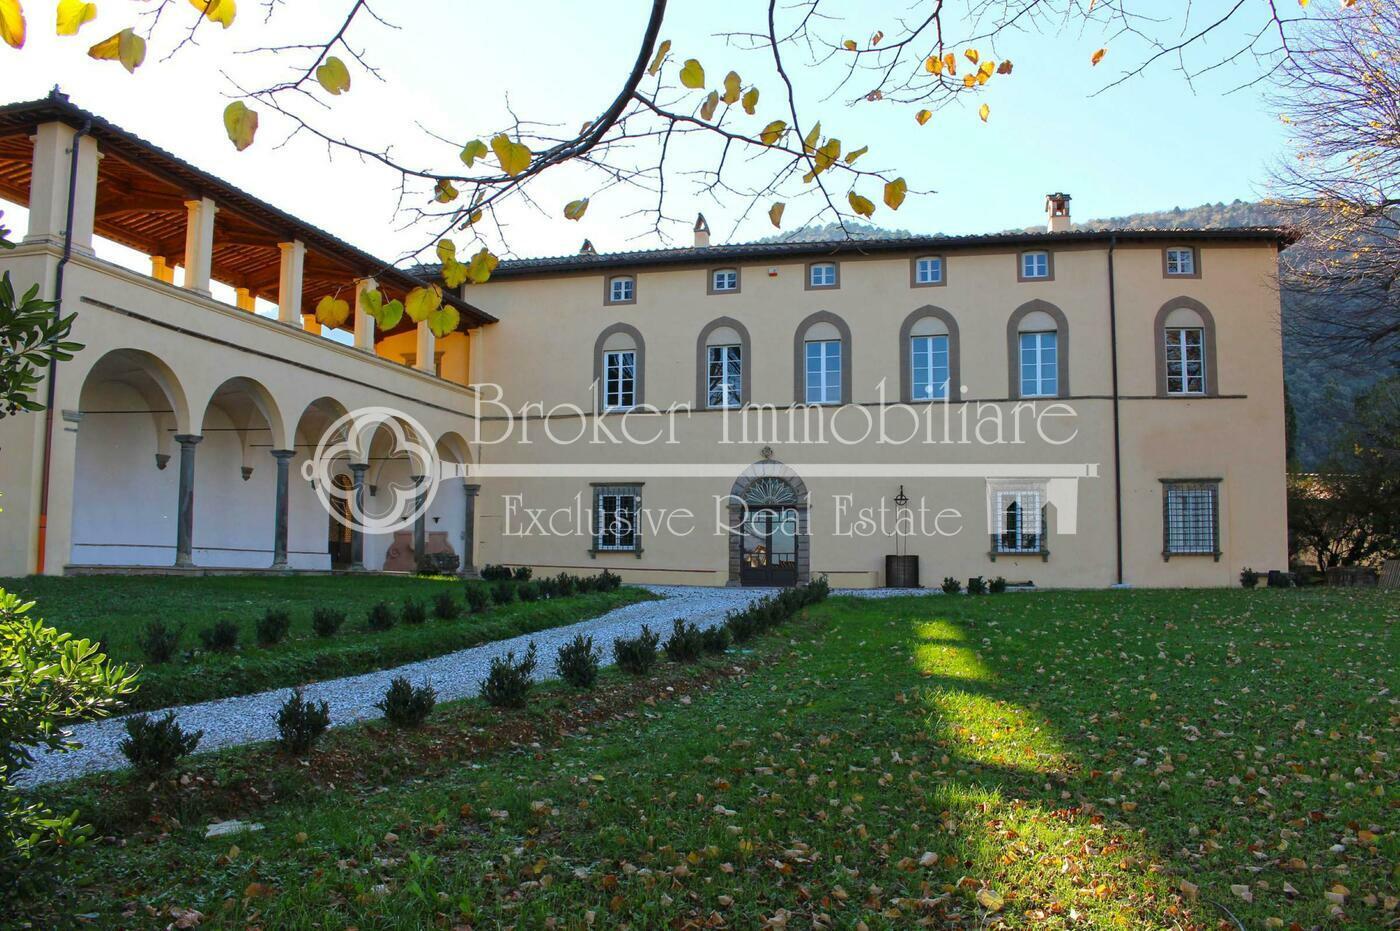 Villa storica in vendita a Lucca con fattoria, annessi e parco in posizione panoramica